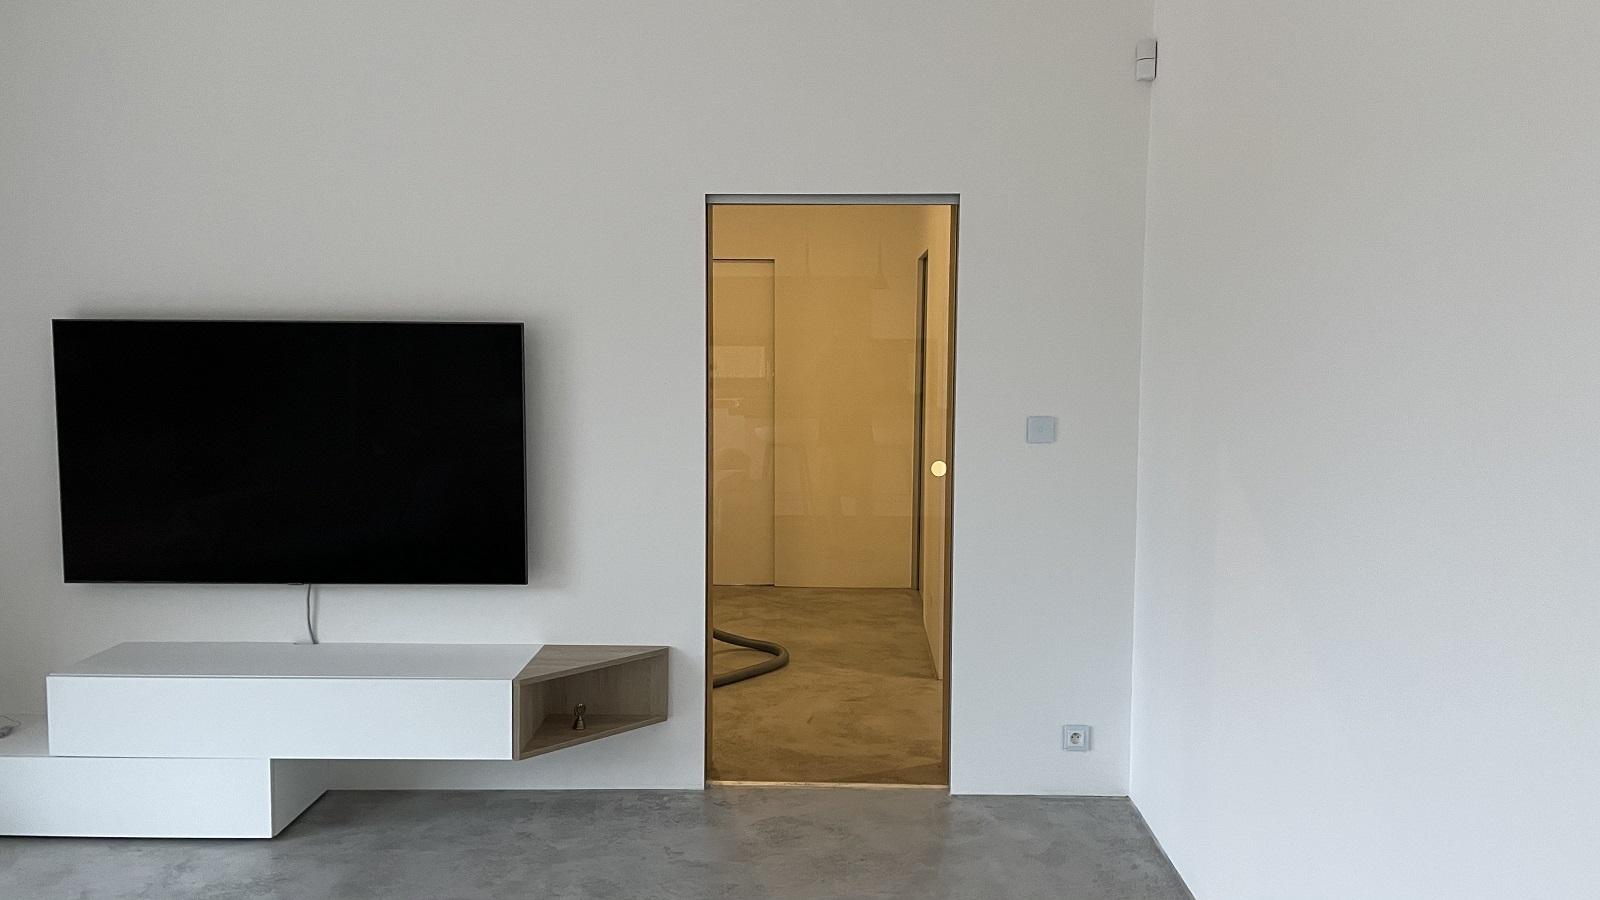 Skleněné posuvné dveře v obývacím pokoji